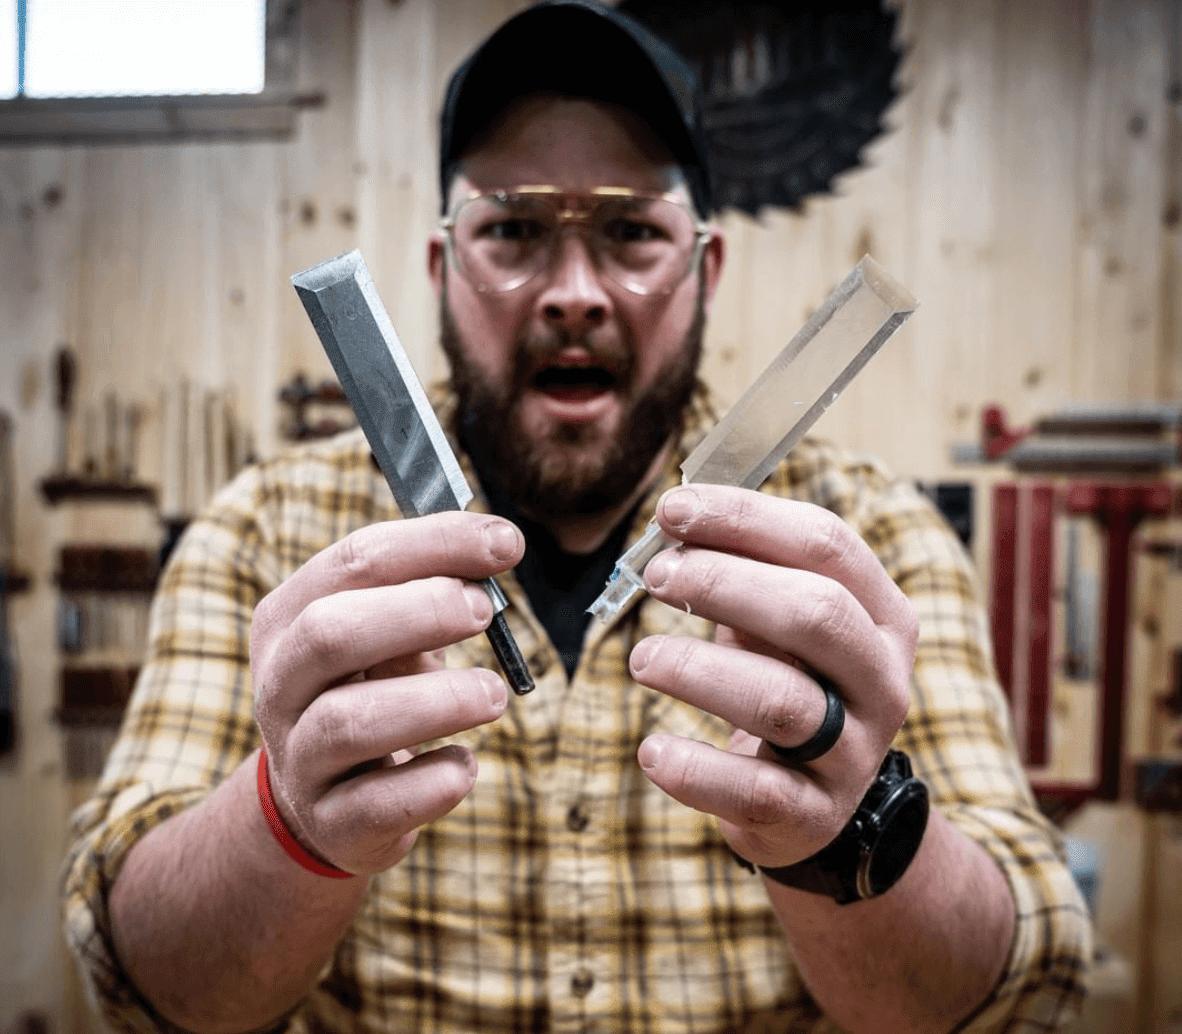 John Malecki holds epoxy chisel